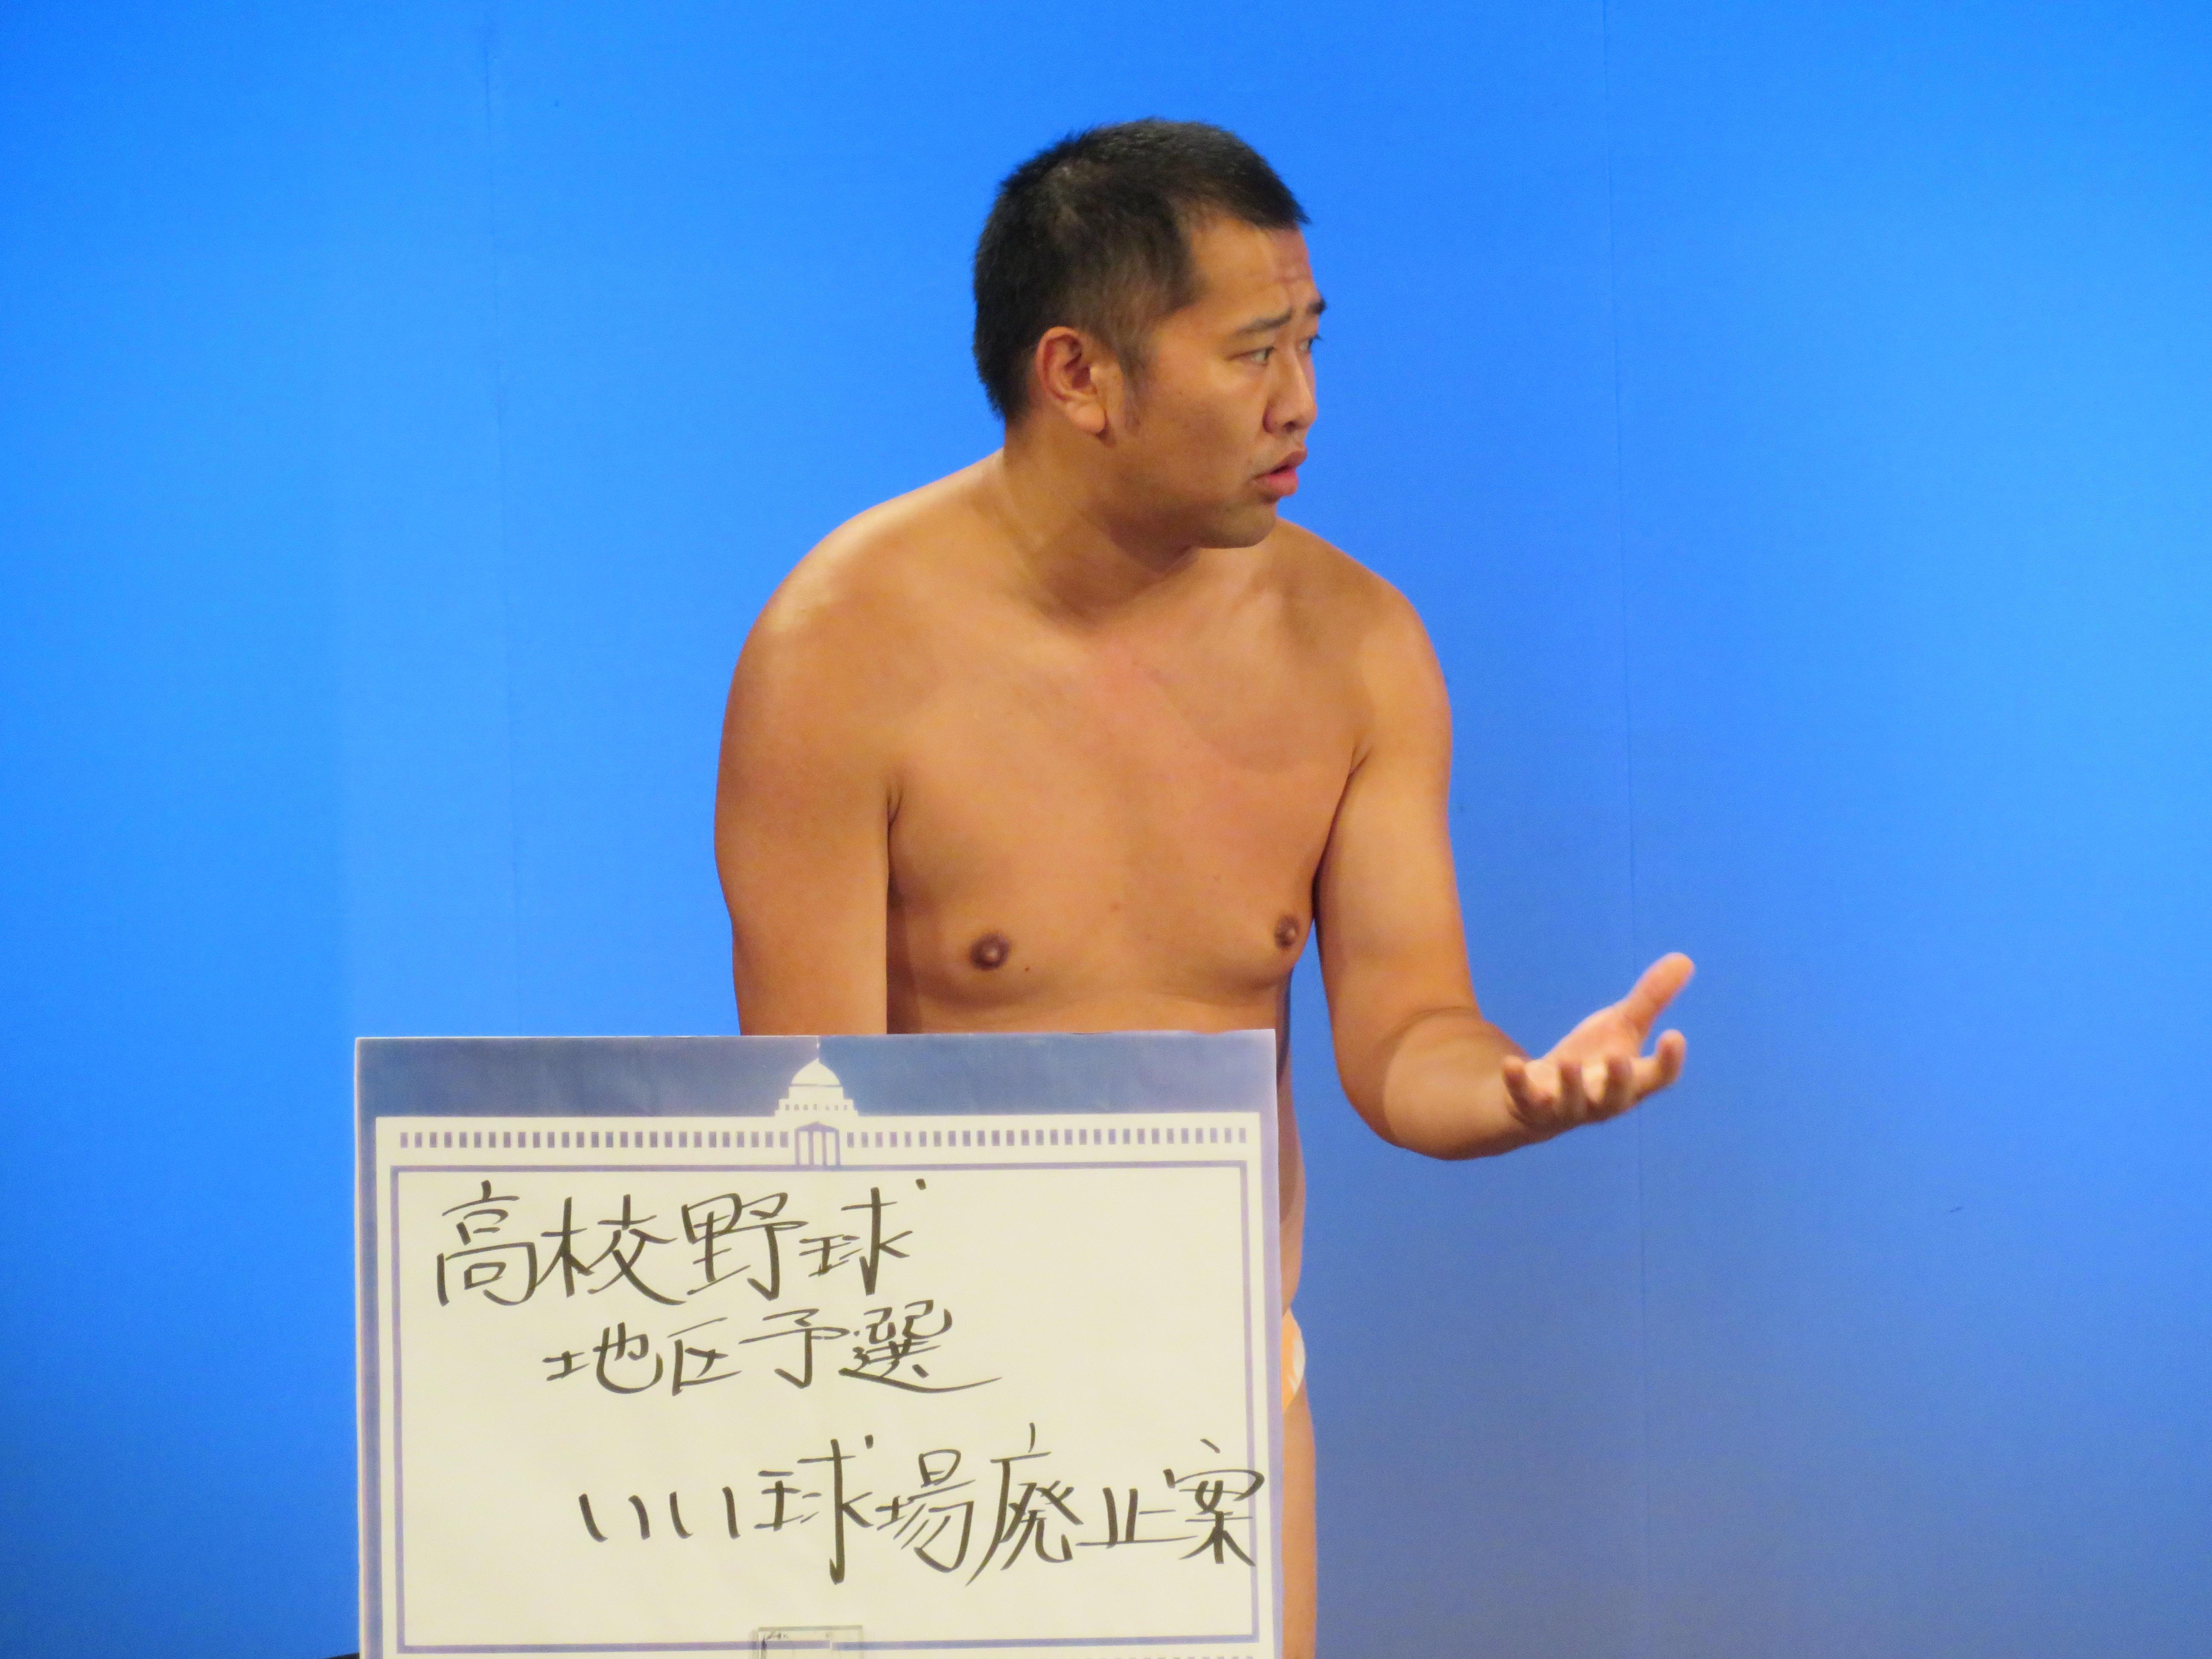 http://news.yoshimoto.co.jp/20170803163059-d63367ea2e2796ed7d49f66a1bc0a5d1b6f4b033.jpg